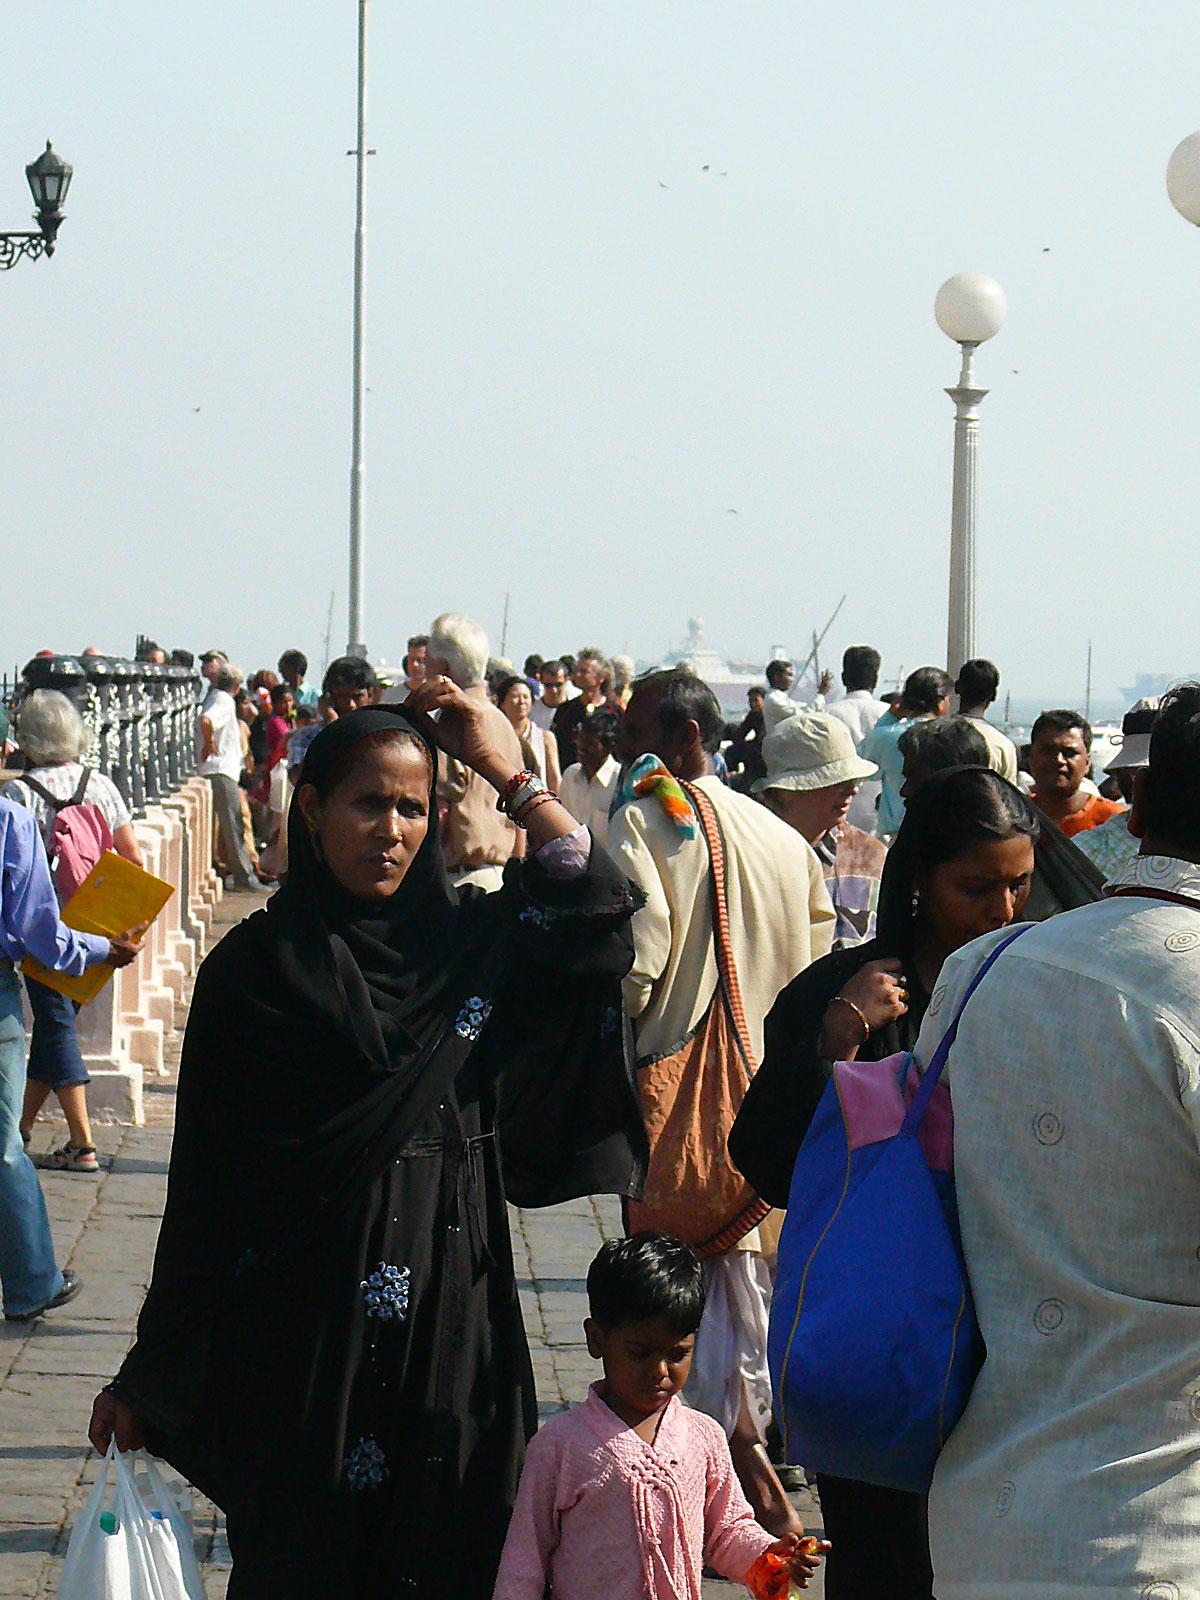 INDIEN MUMBAI Menschen Wohnen FINEST-onTour P1030520.jpg